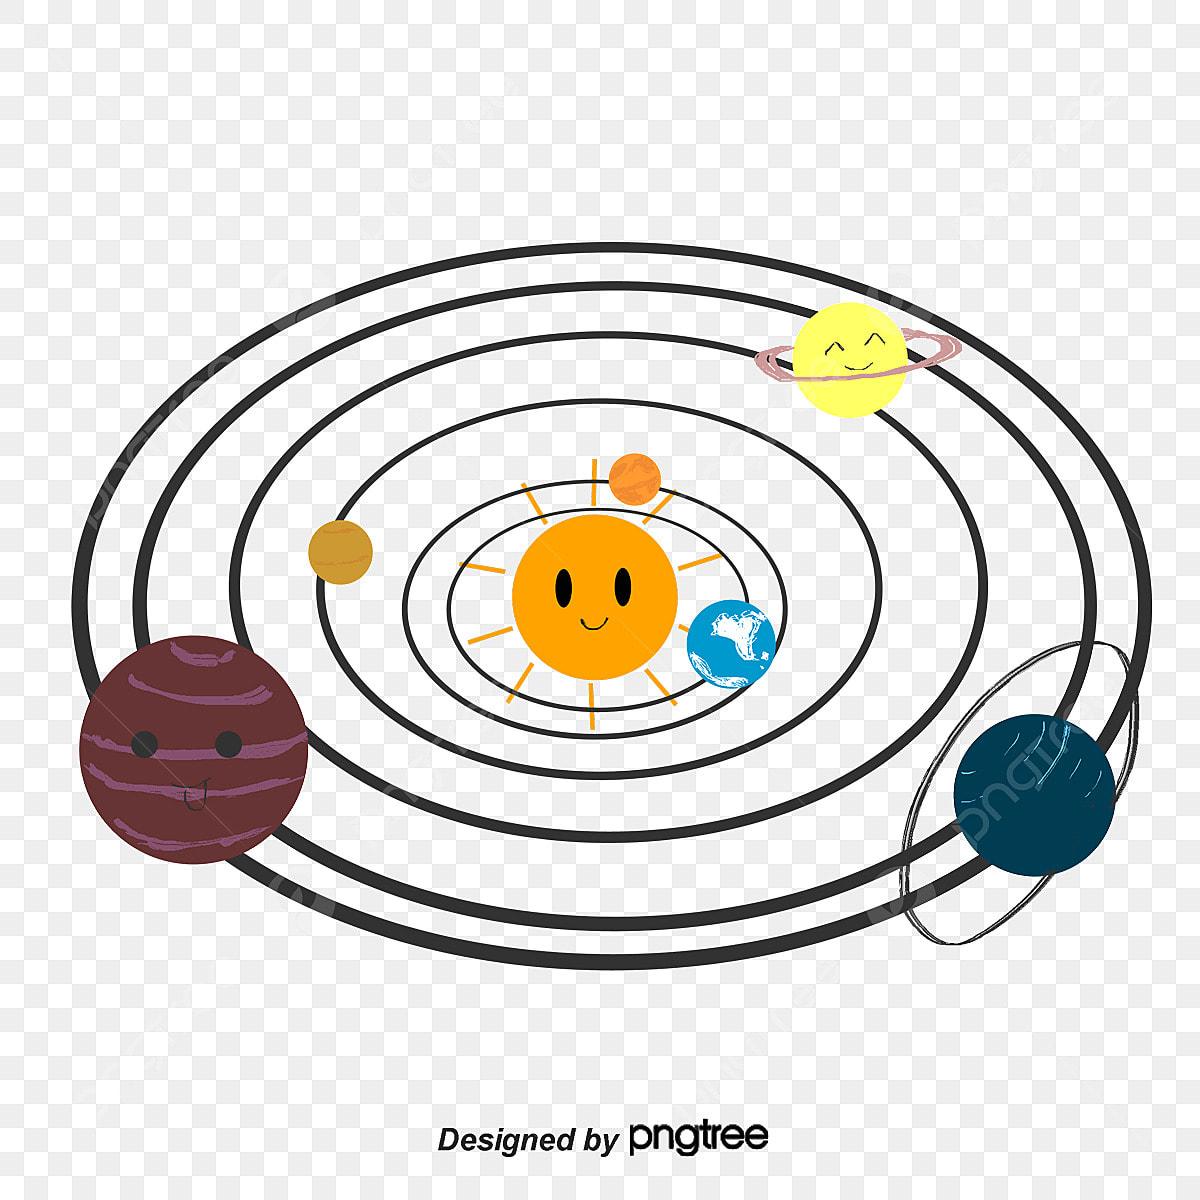 syst u00e8me solaire de dessin vectoriel de dessin vectoriel syst u00e8me solaire de dessin vectoriel png